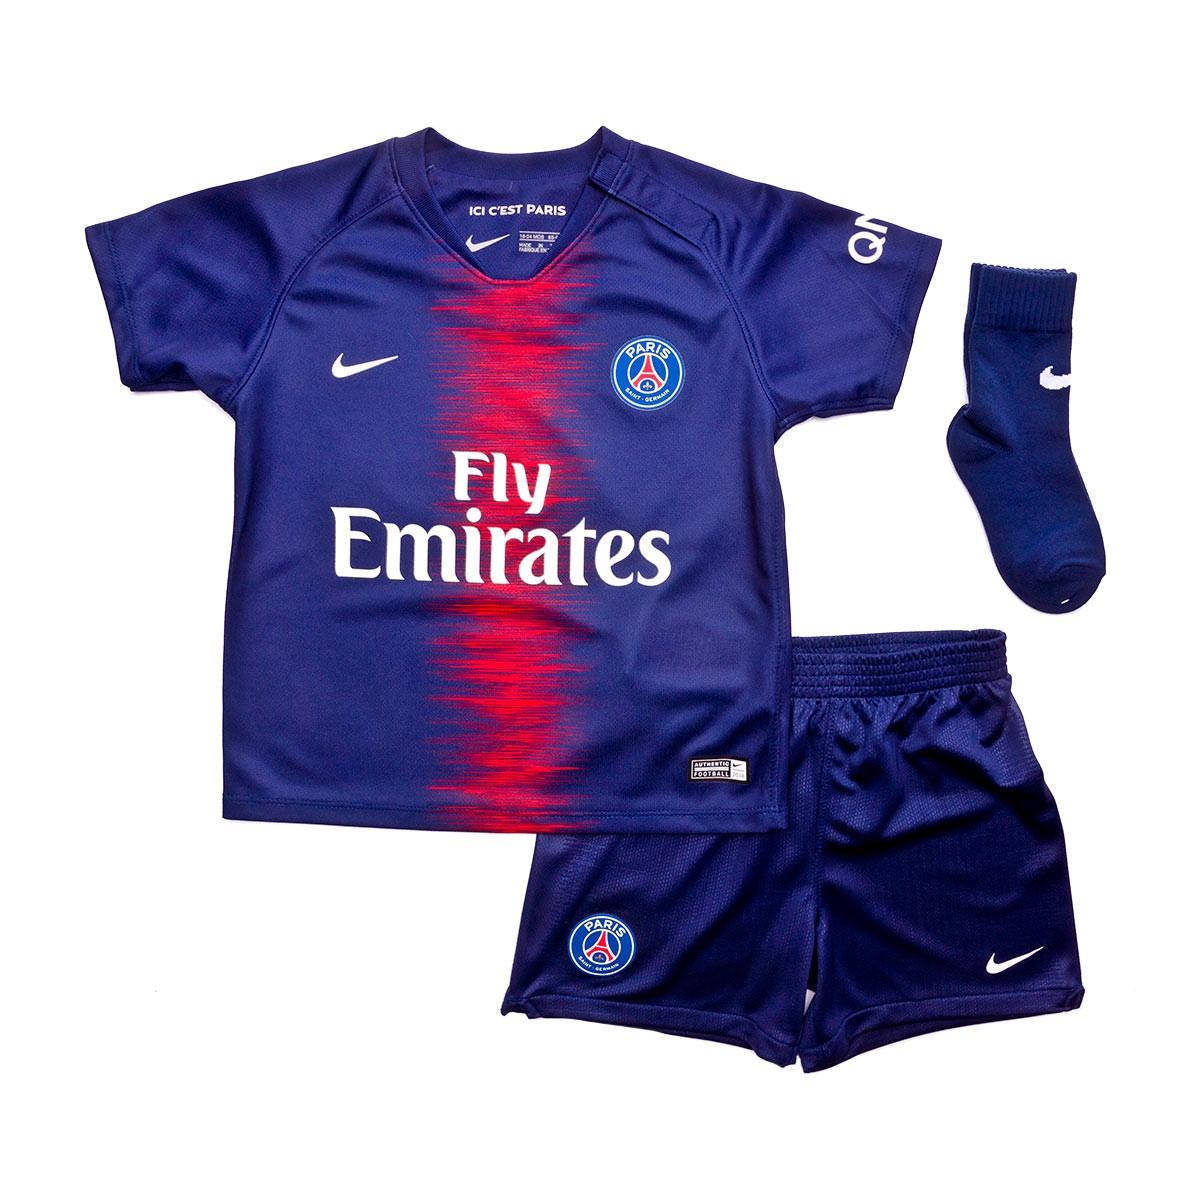 new concept ac978 b1716 Conjunto Nike Bebé Paris Saint-Germain Primera Equipación 2018-2019  Midnight navy-White - Soloporteros es ahora Fútbol Emotion